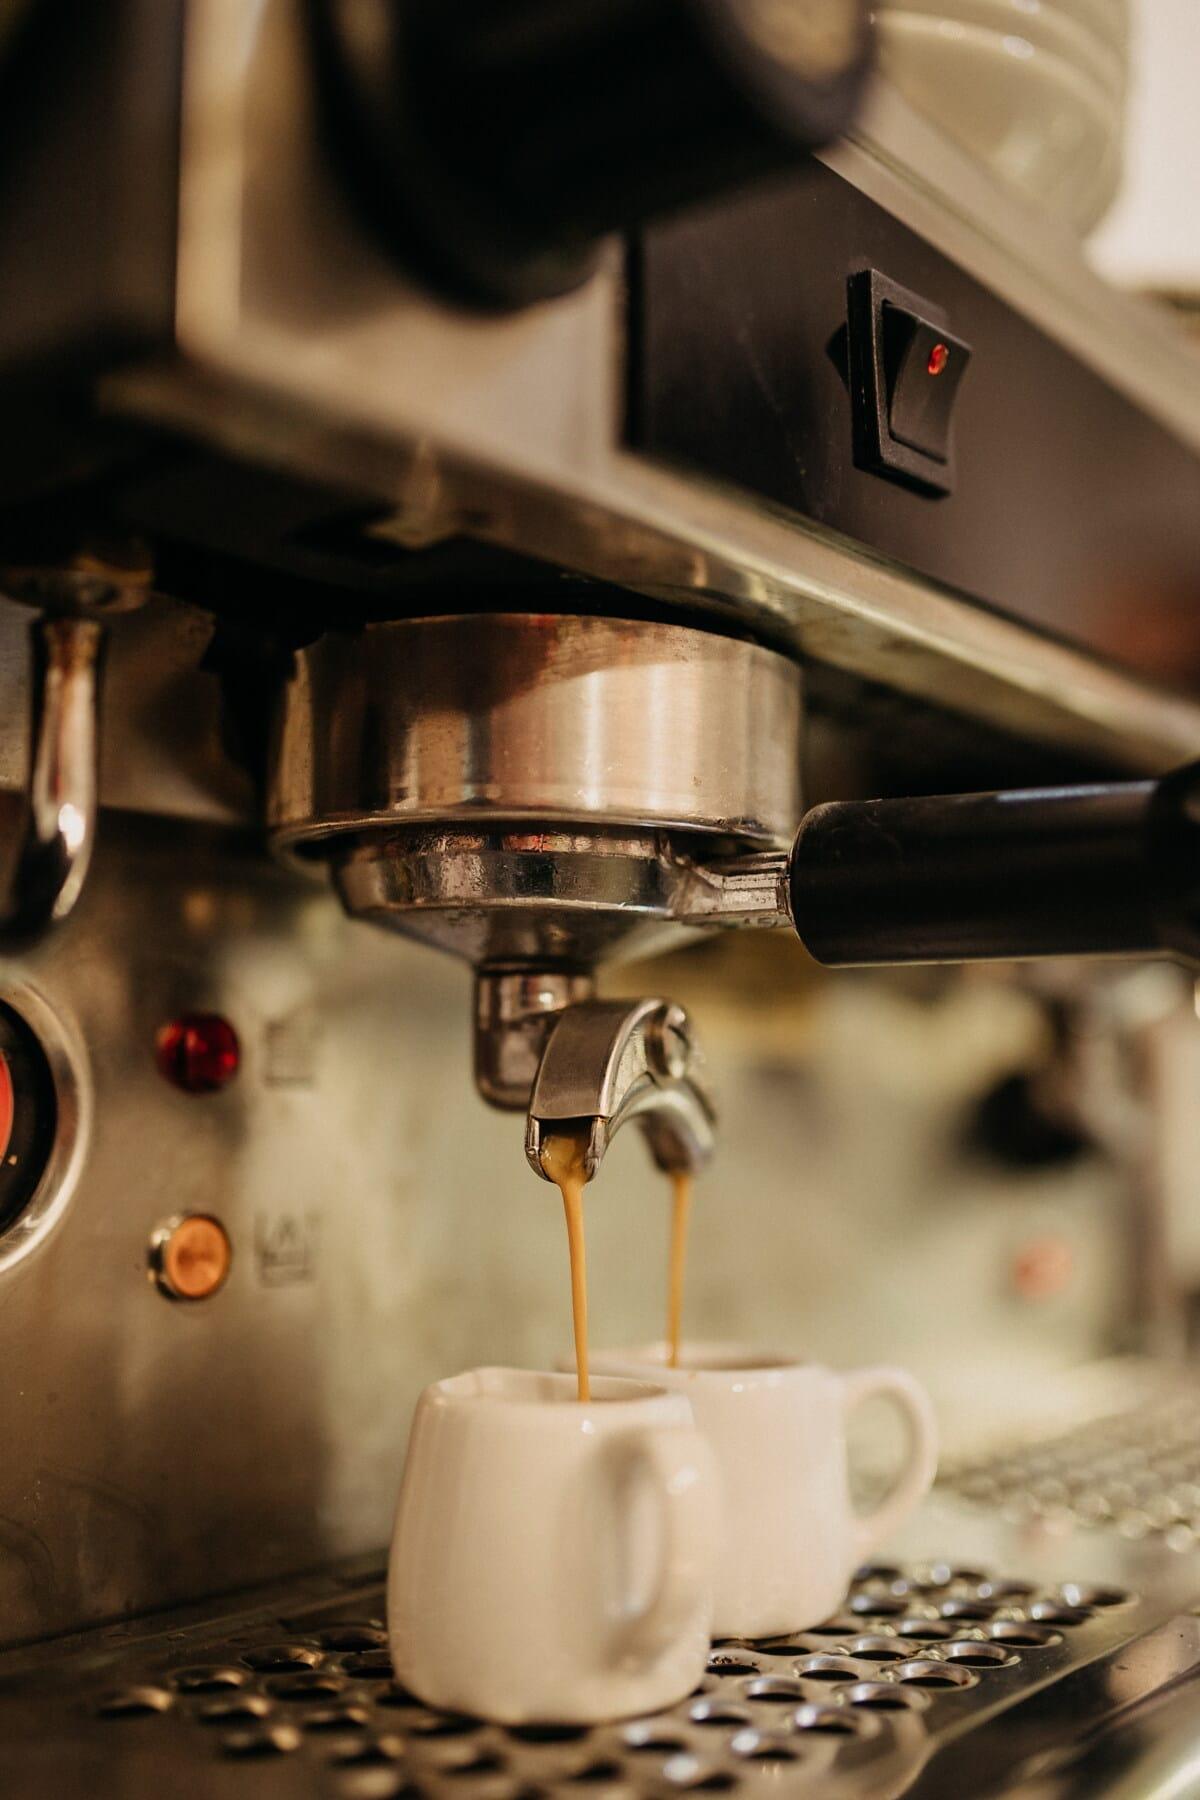 cafétéria, Expresso, boisson, café, à l'intérieur, machines, alimentaire, caféine, brouiller, ustensiles de cuisine